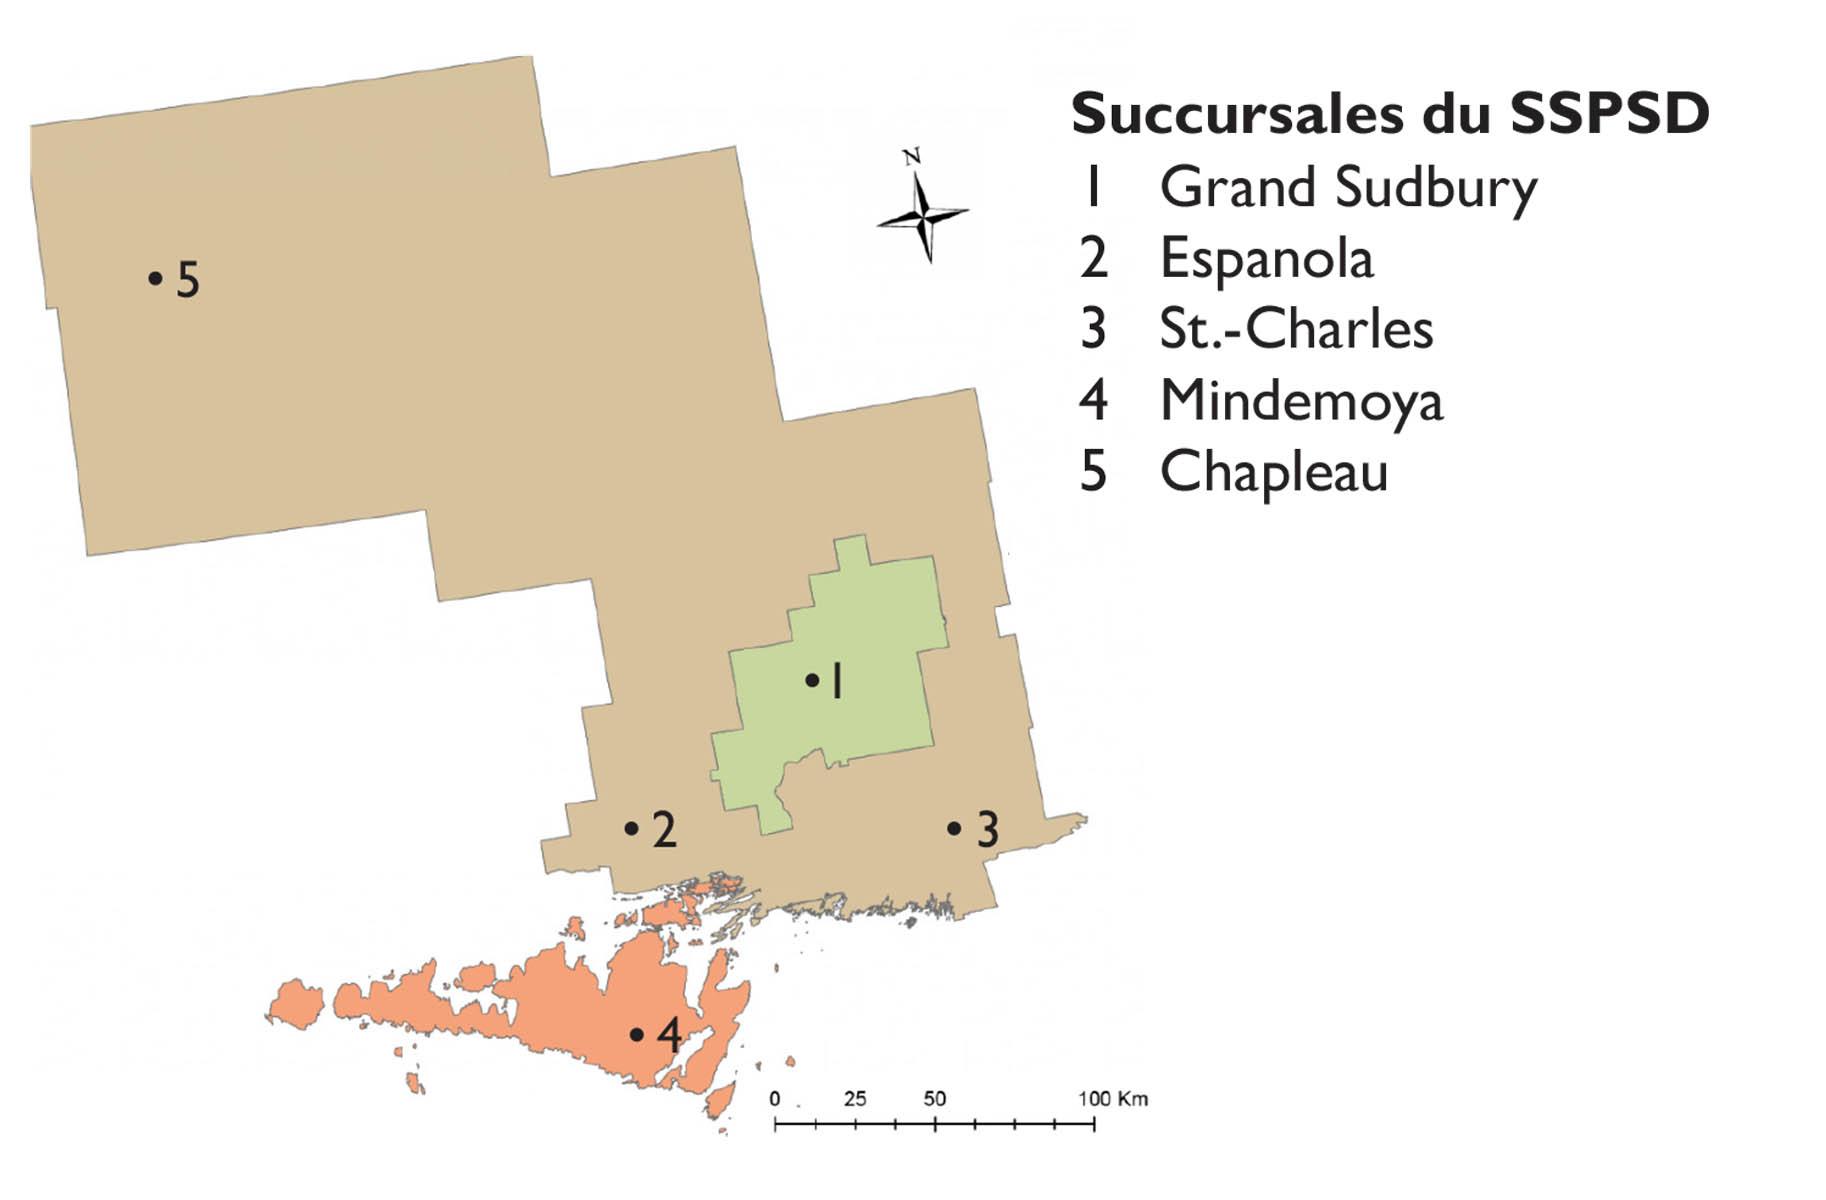 Sudbury services de rencontres question de recherche en ligne datant